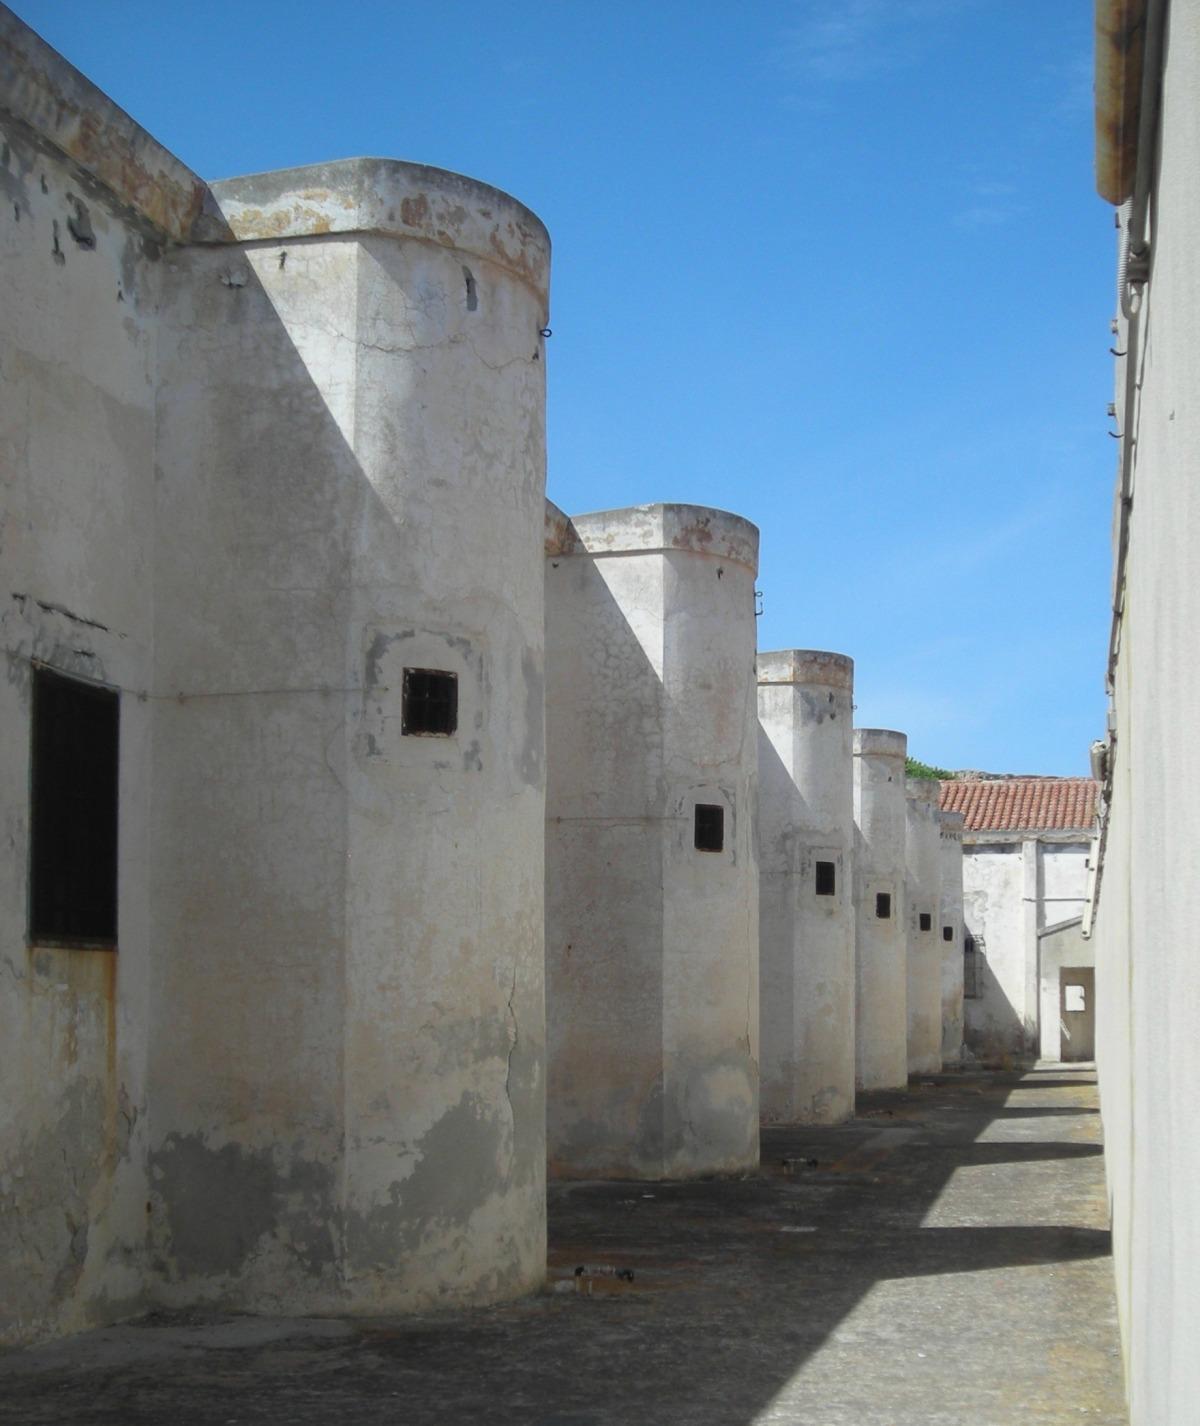 interno delle mura del carcere.jpg